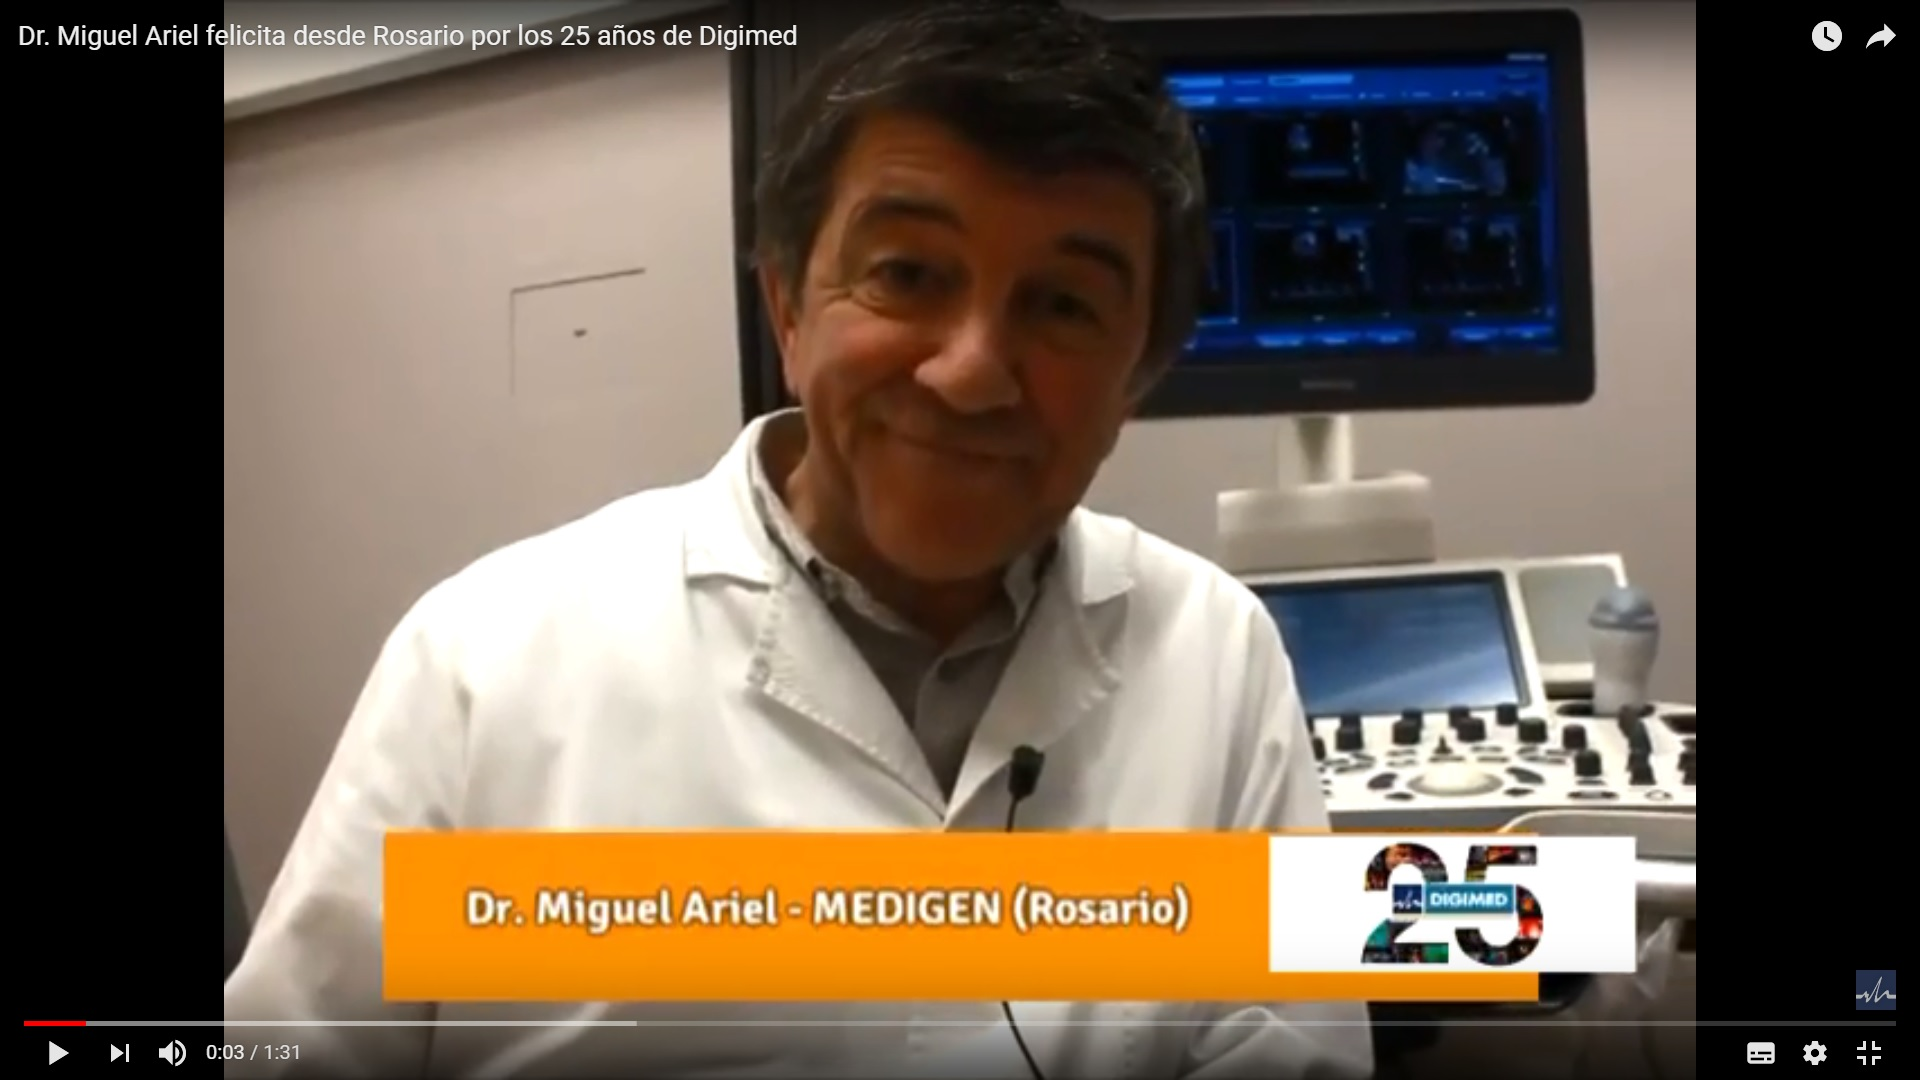 Dr. Miguel Ariel felicita desde Rosario por los 25 años de Digimed